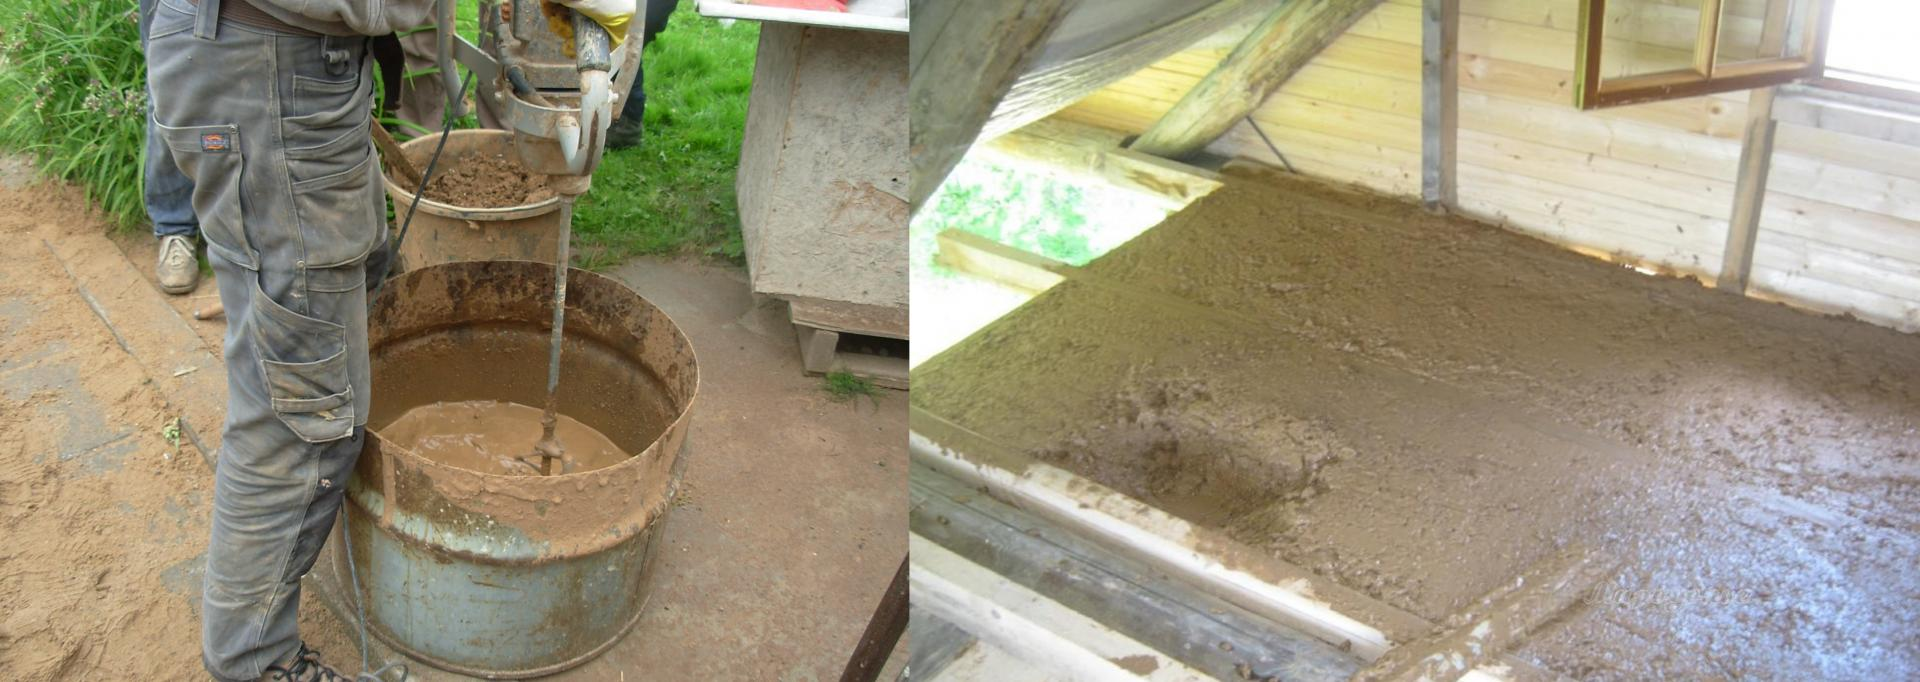 Лучшее решение для экодома: уникальные свойства глины с опилками